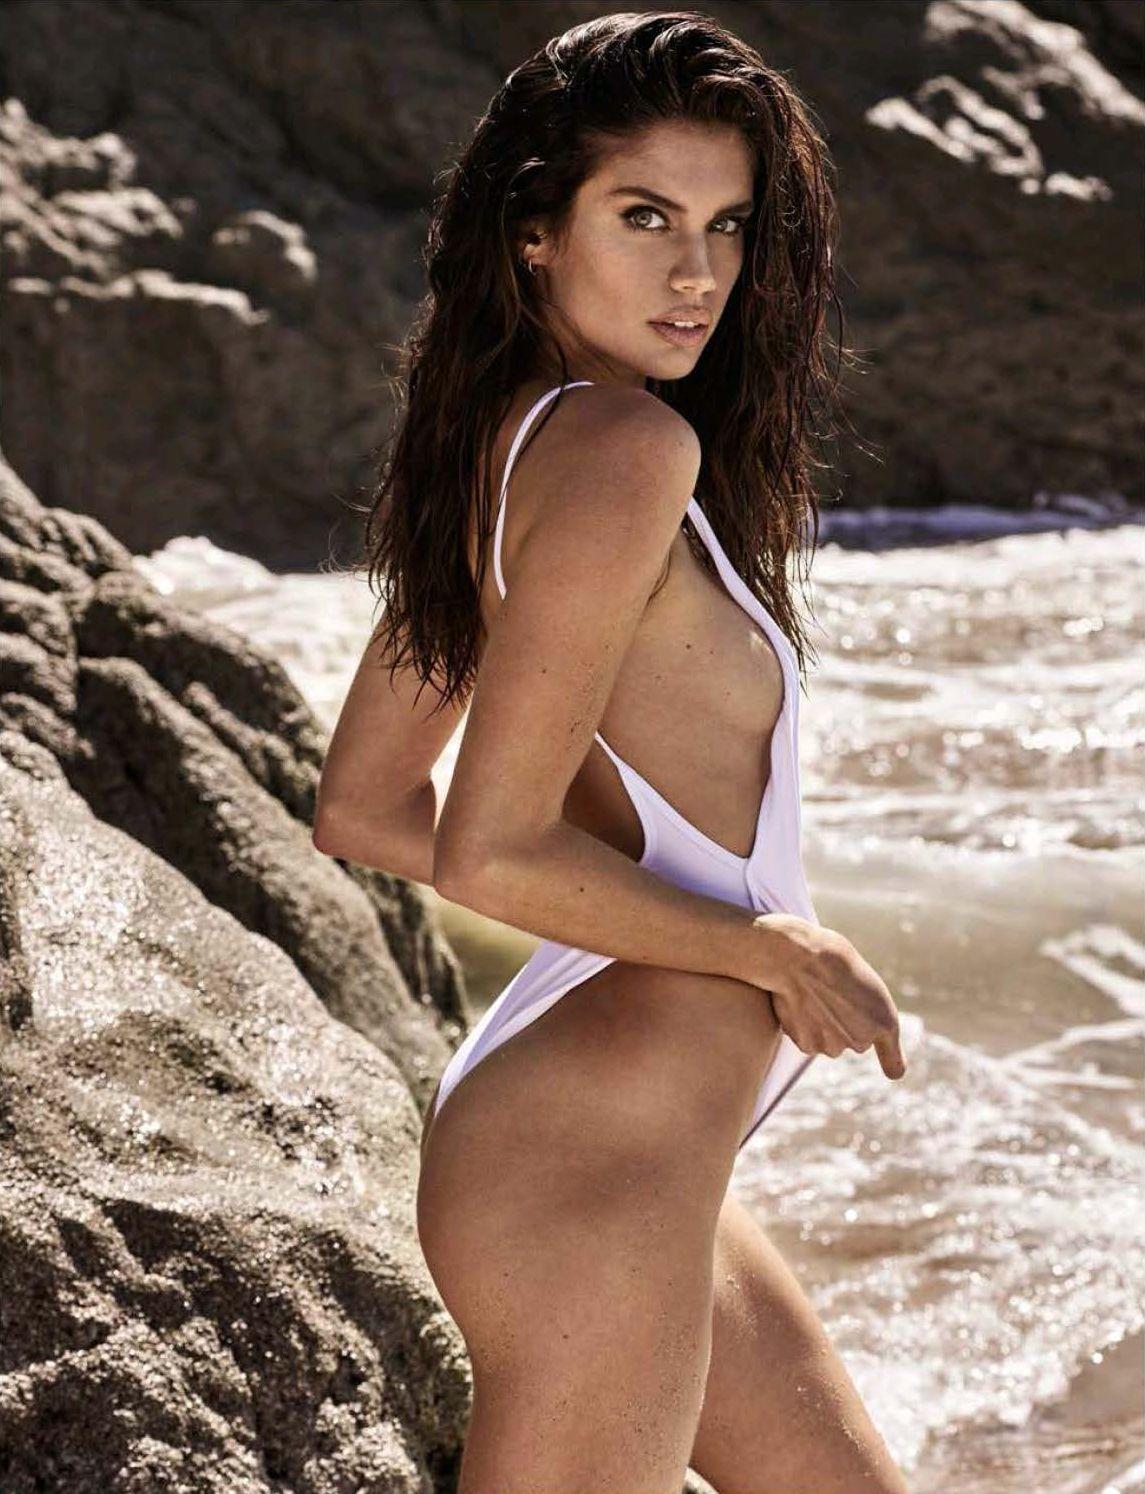 Porno Sara Sampaio nudes (71 photo), Sexy, Leaked, Boobs, bra 2020